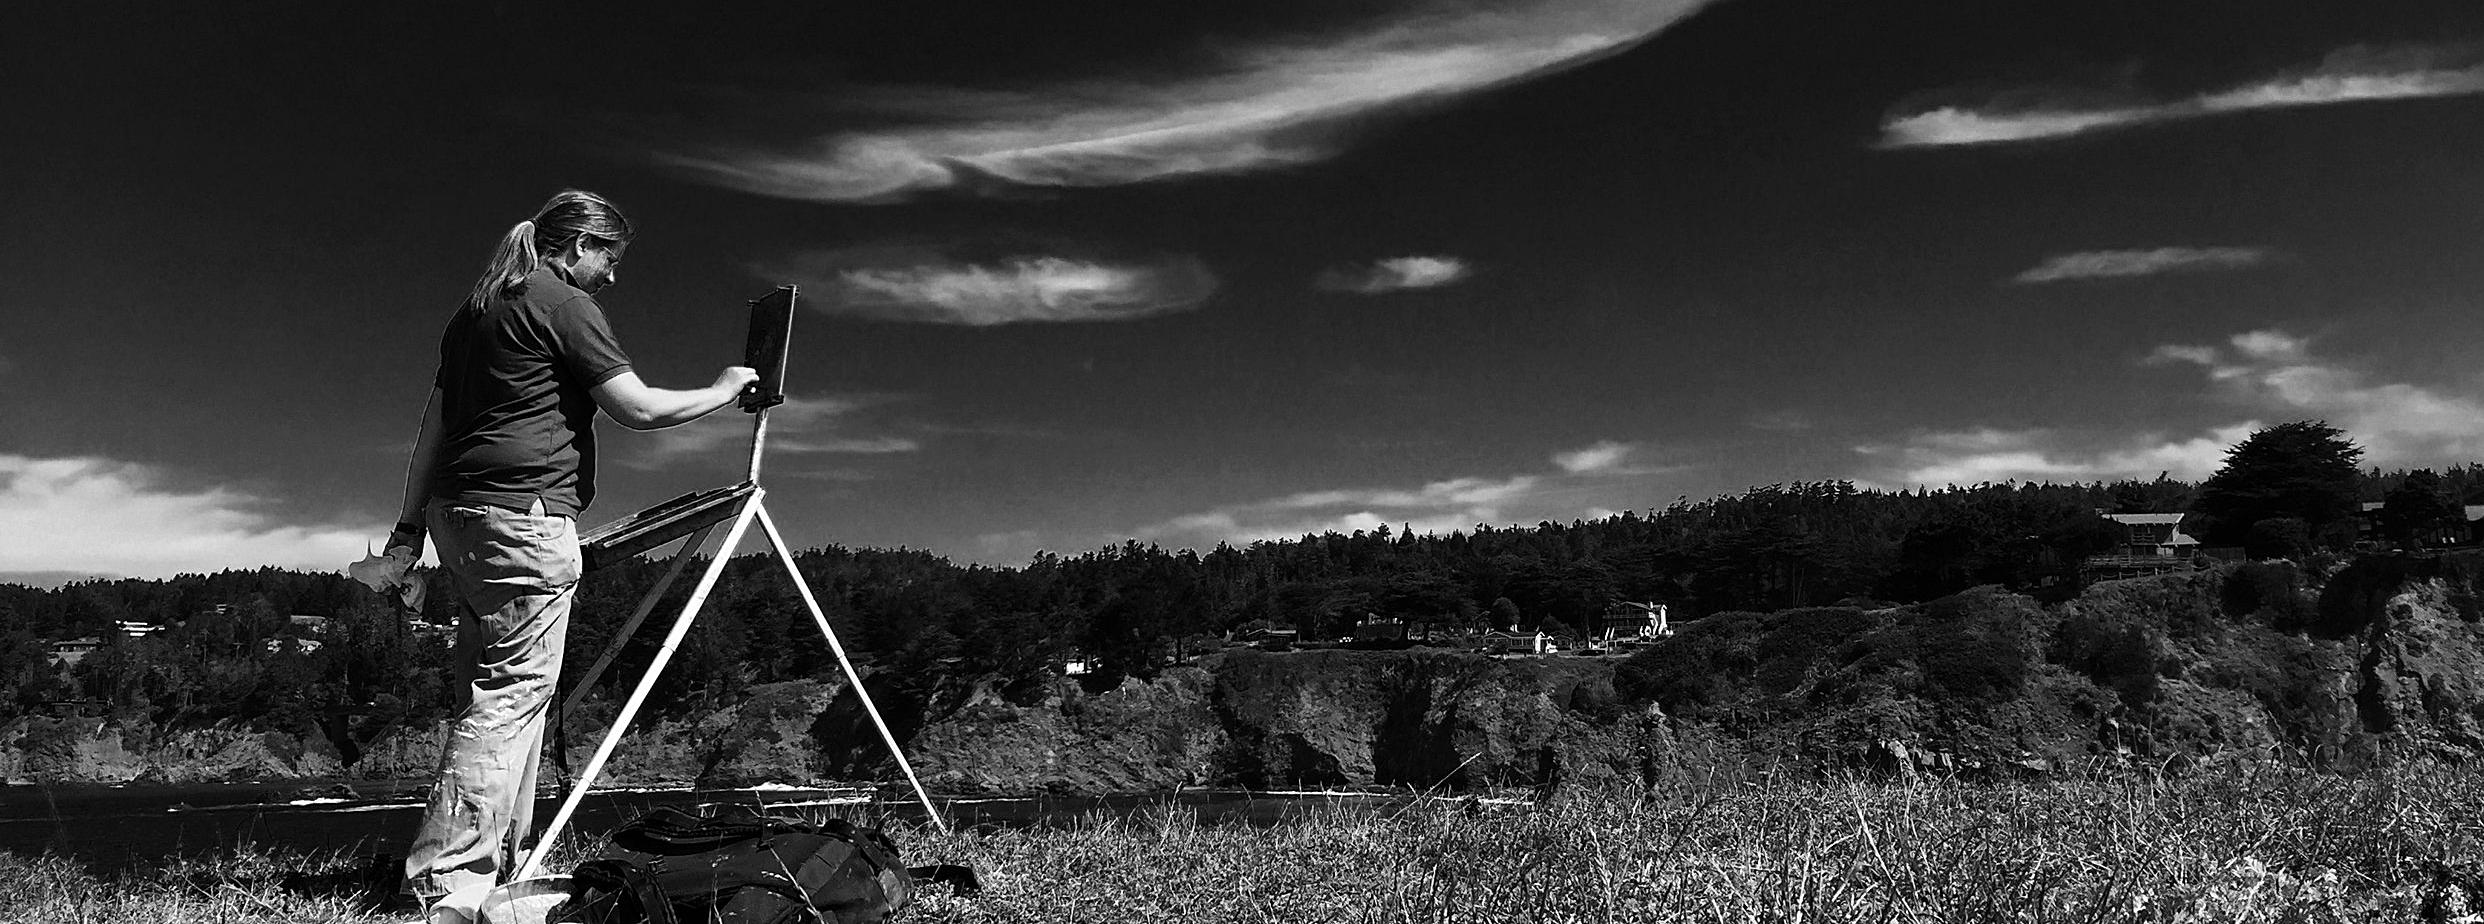 Plein air in Mendocino, photo by Aimee Eriksen.